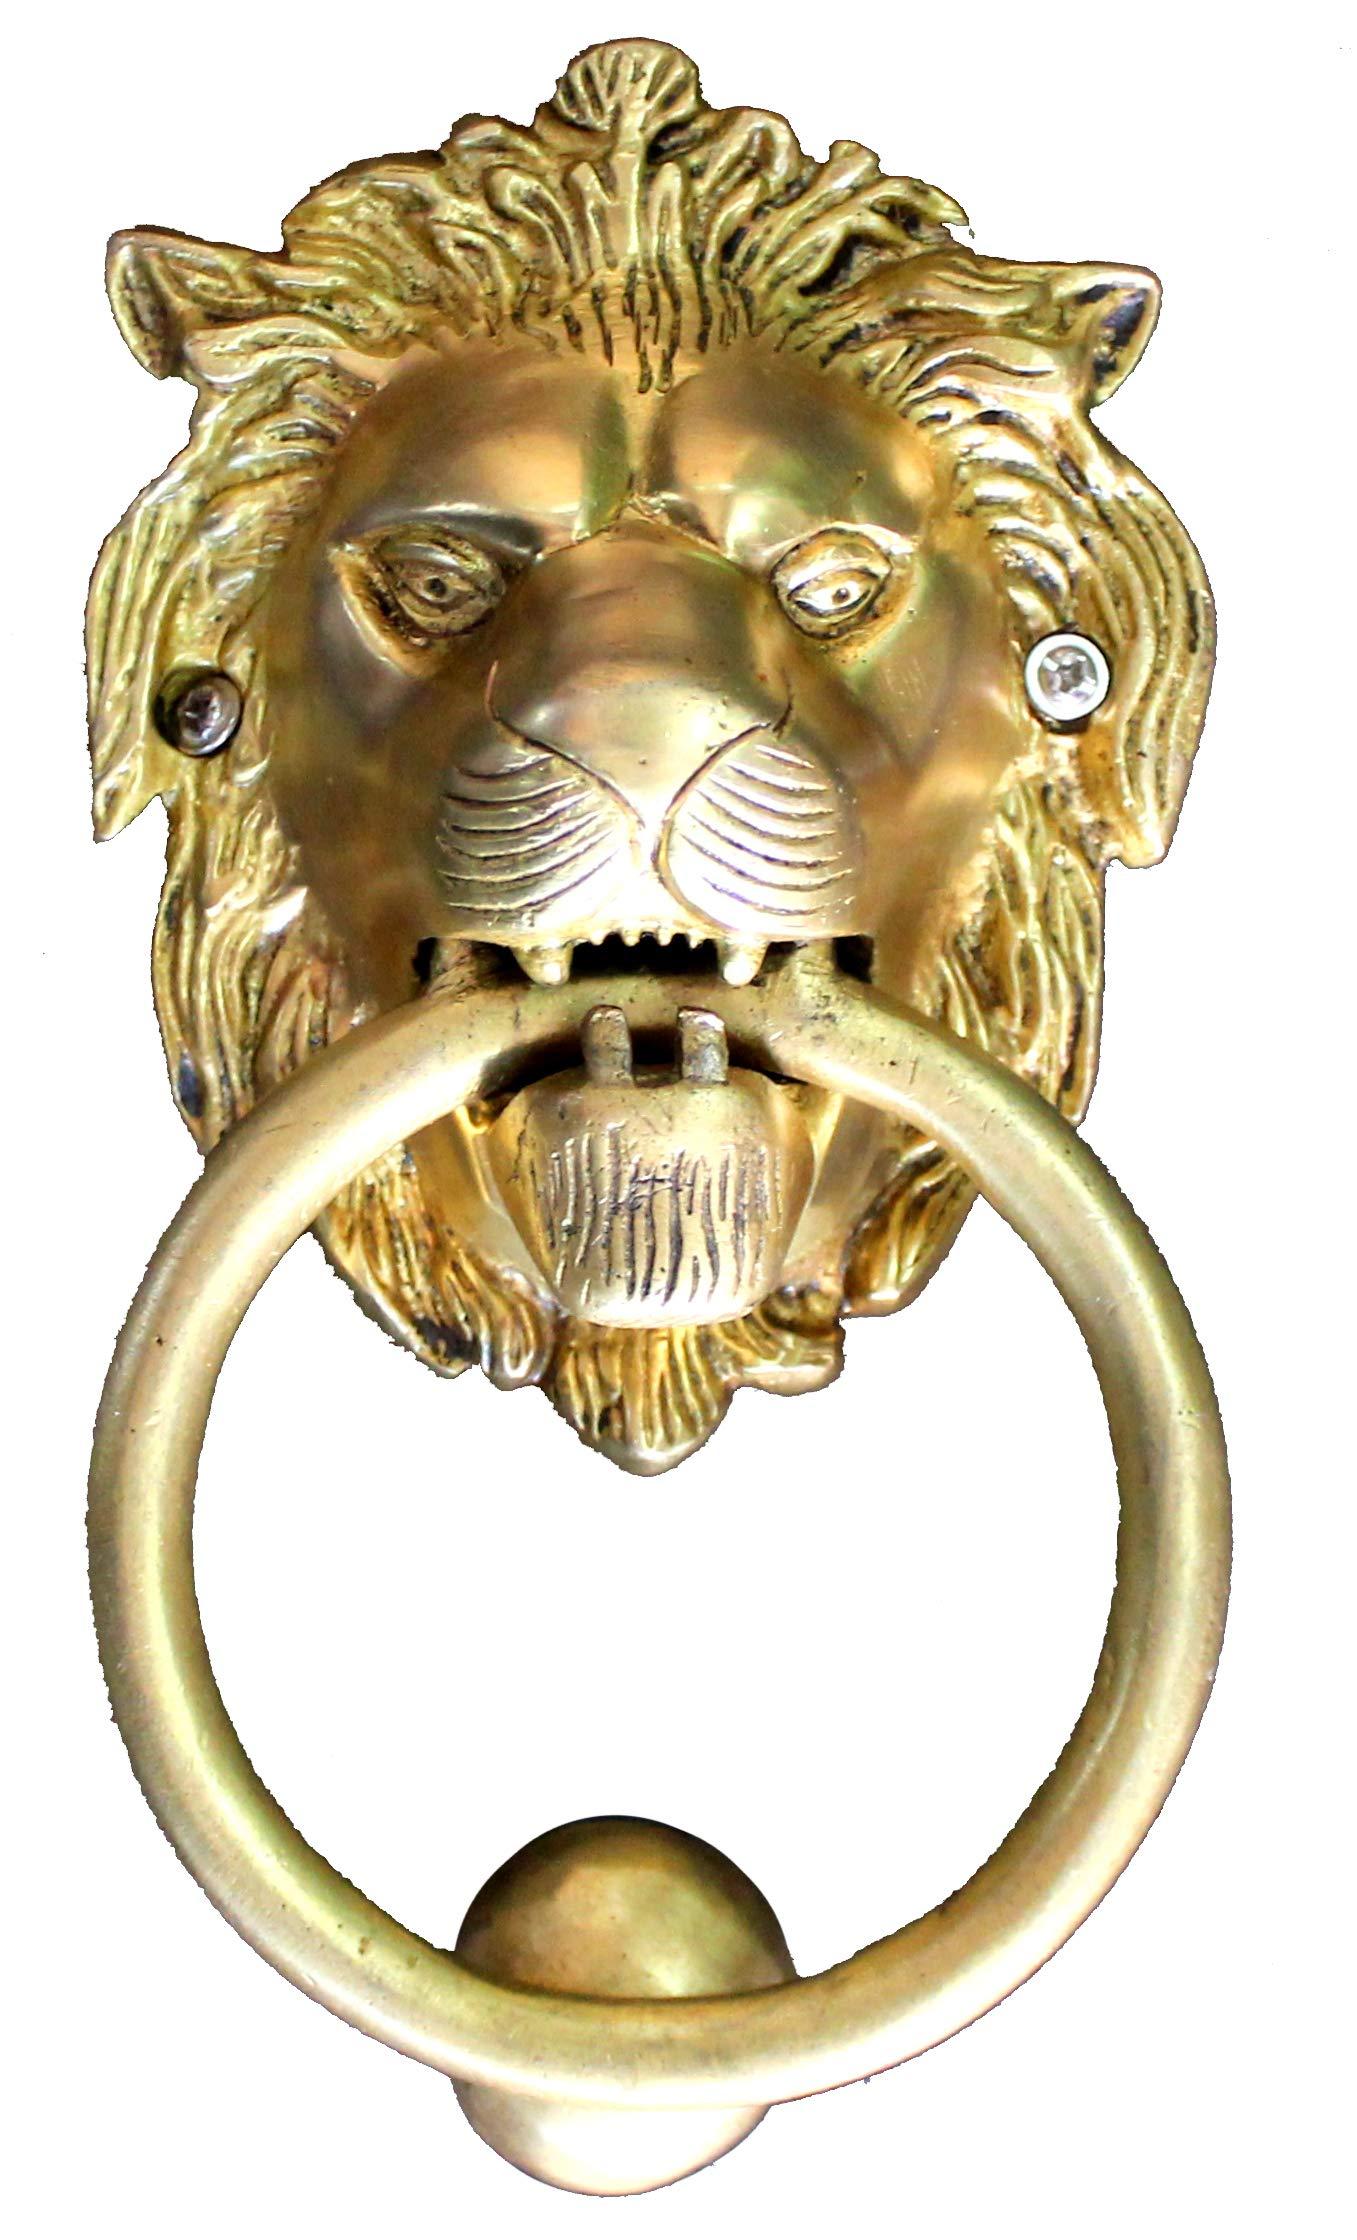 StonKraft Brass Lion Door Knocker Knockers Gate Knocker Door Accessories (Lion 5'')